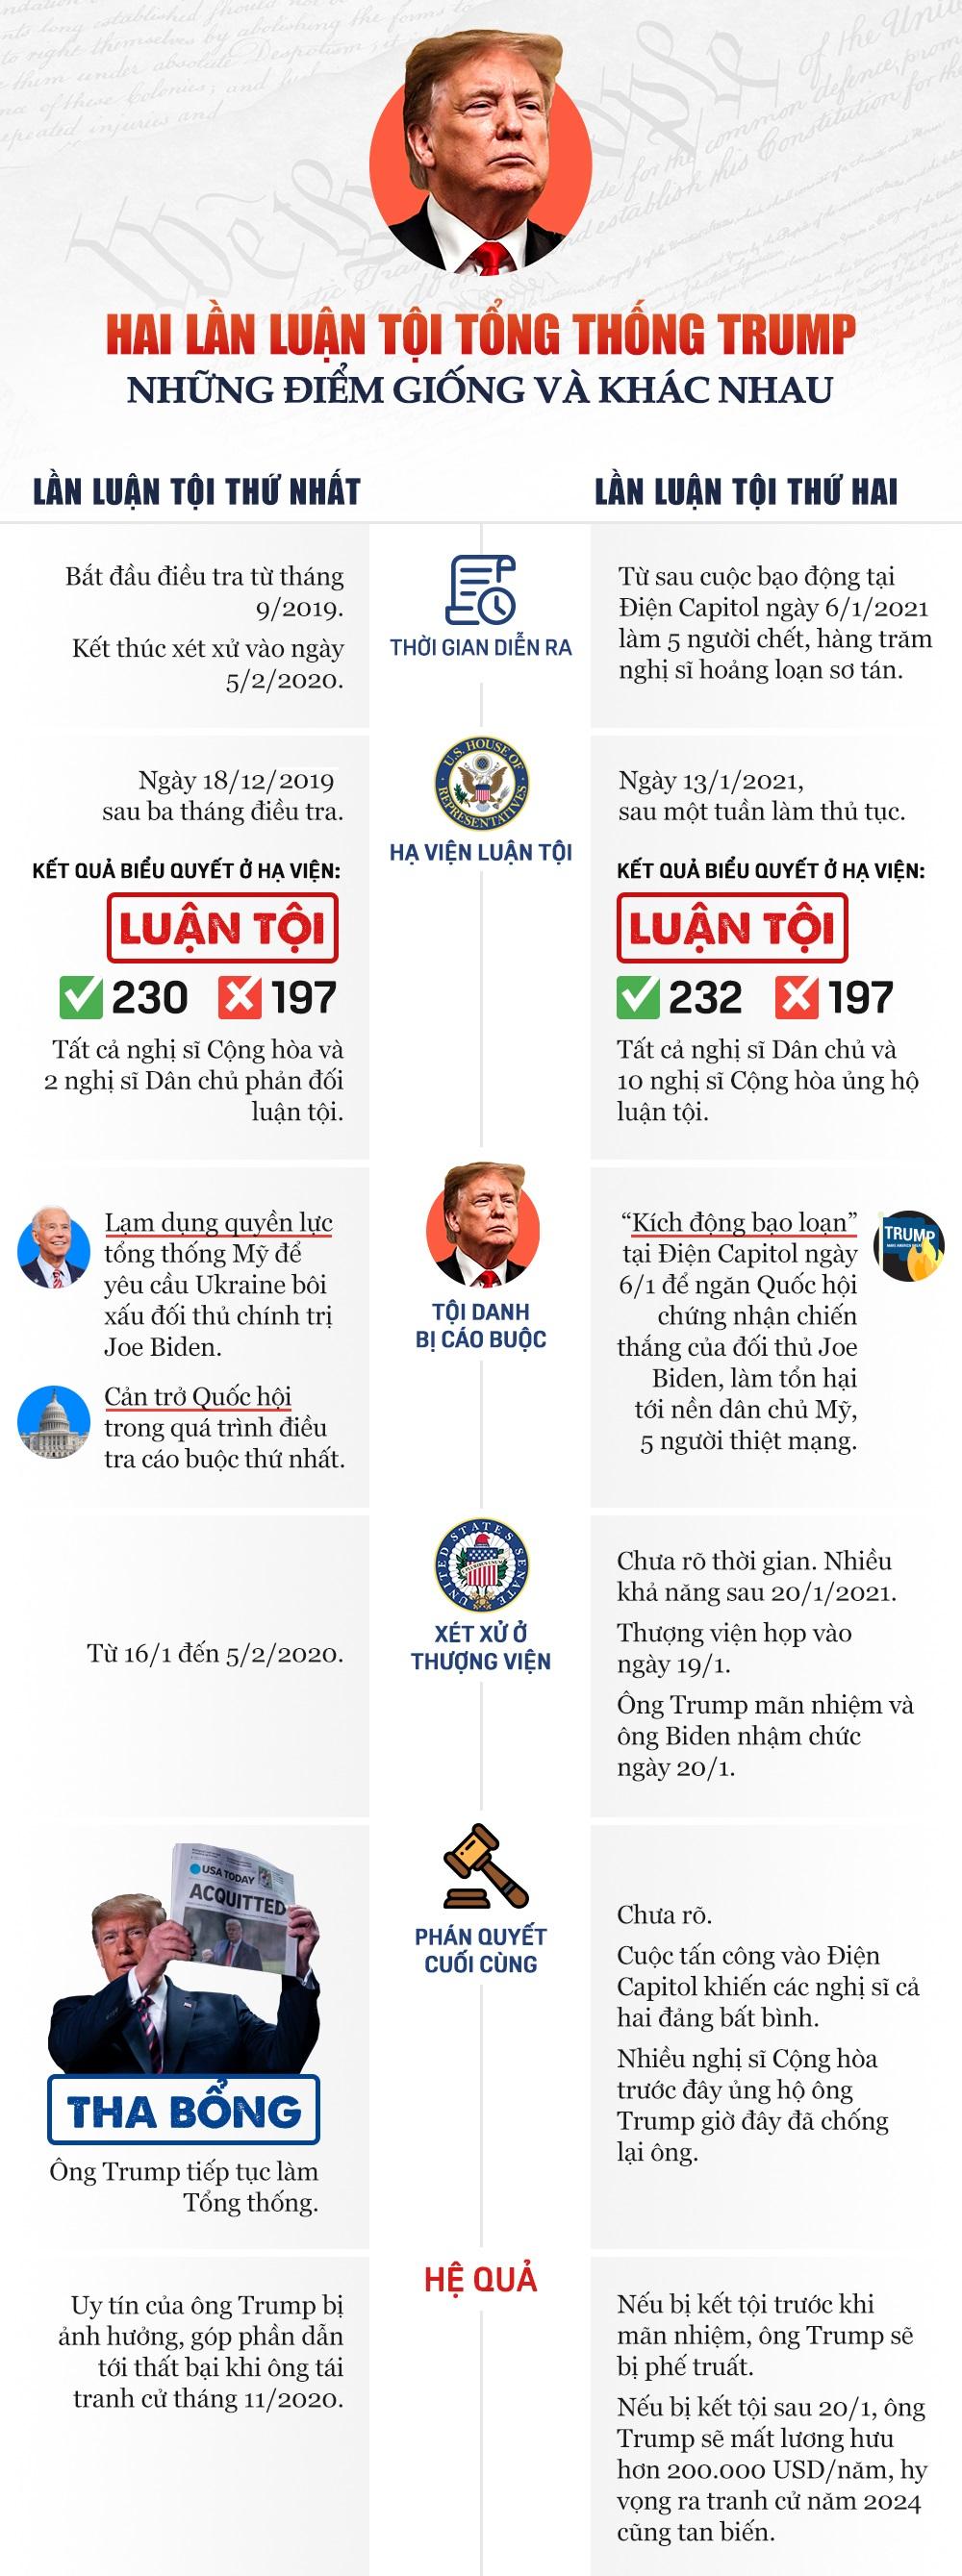 [Infographic] Hai lần luận tội Tổng thống Trump: Những tương đồng và khác biệt - Ảnh 2.